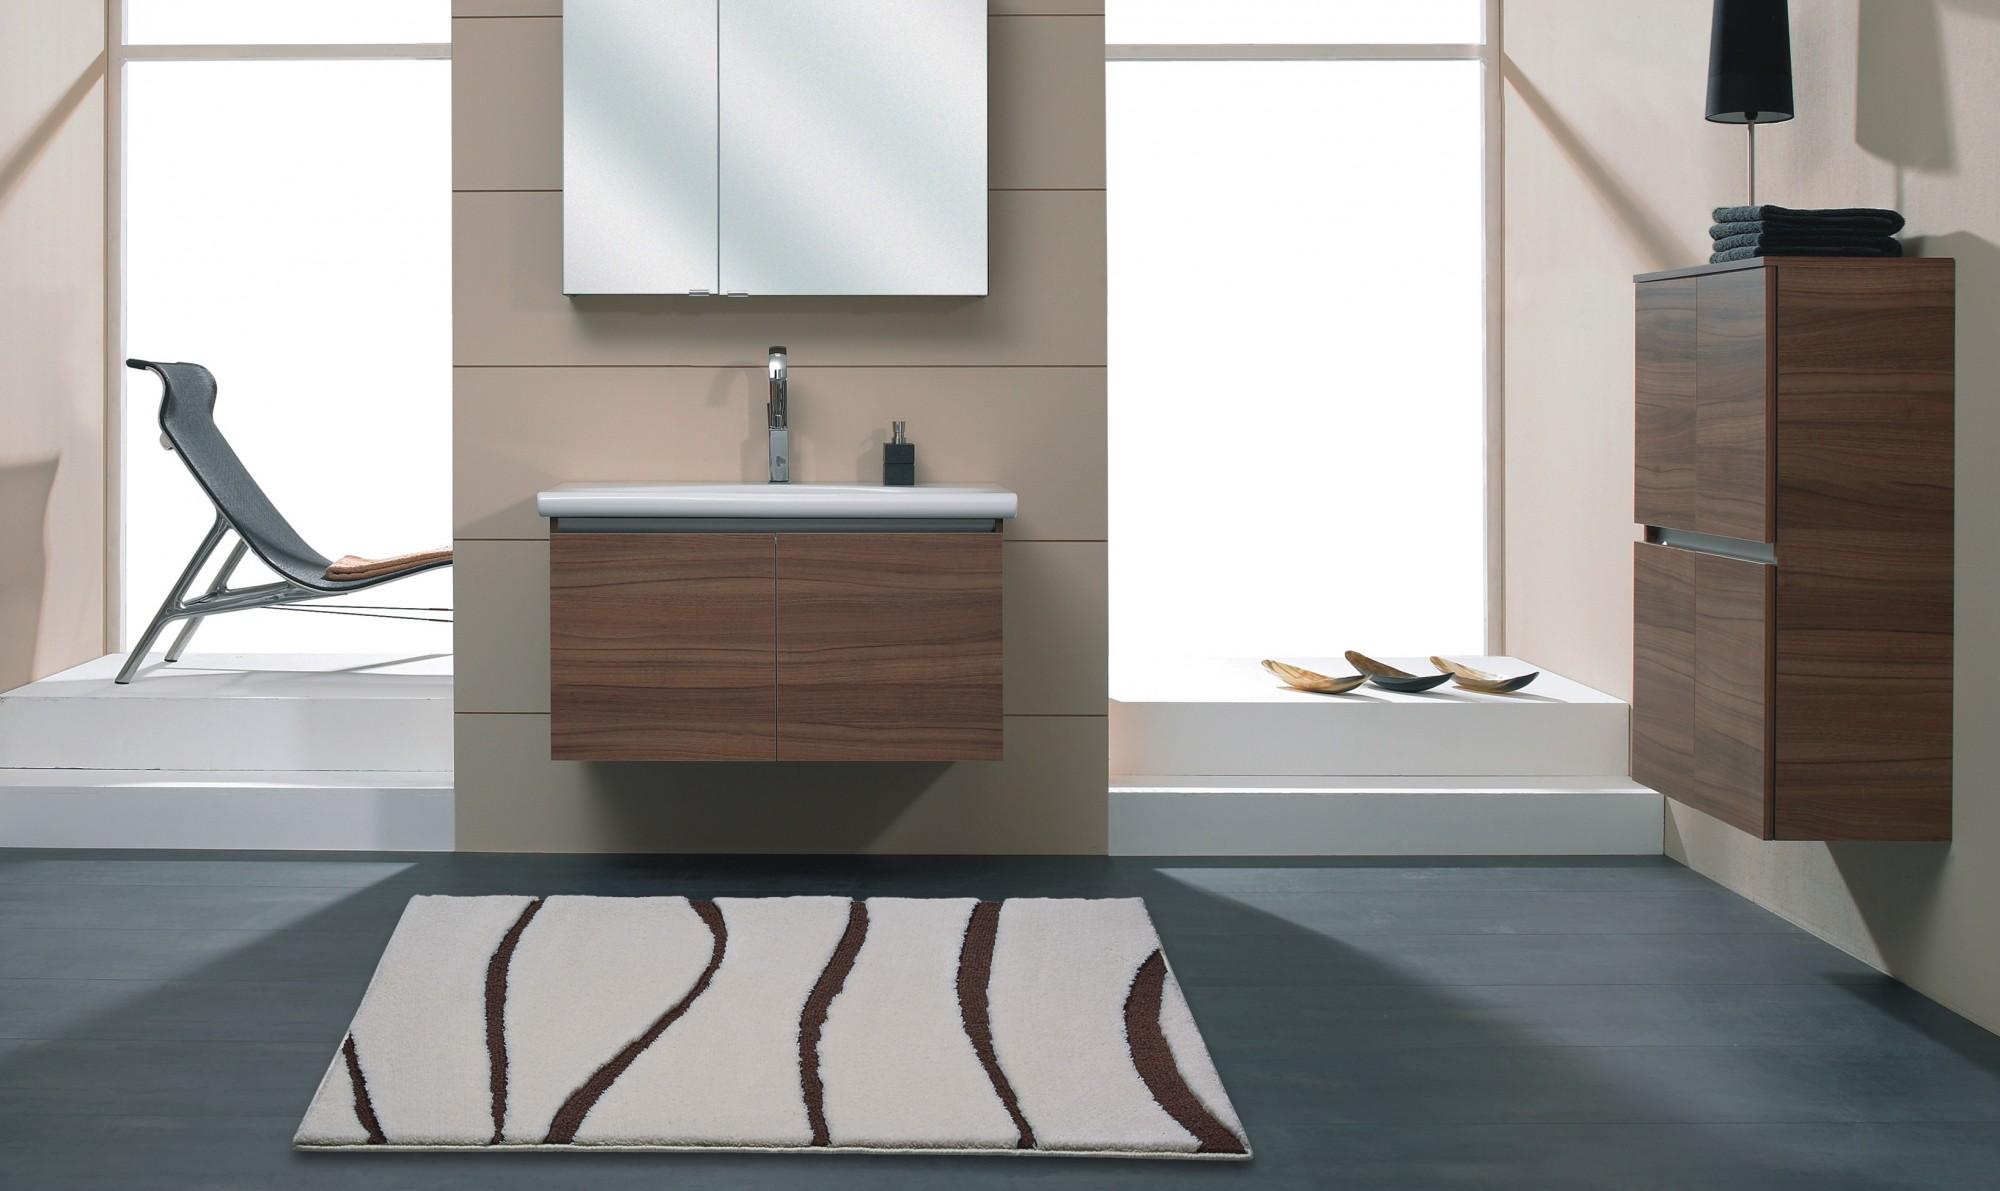 badteppich versus jasmin braun dunkel von clarissa. Black Bedroom Furniture Sets. Home Design Ideas